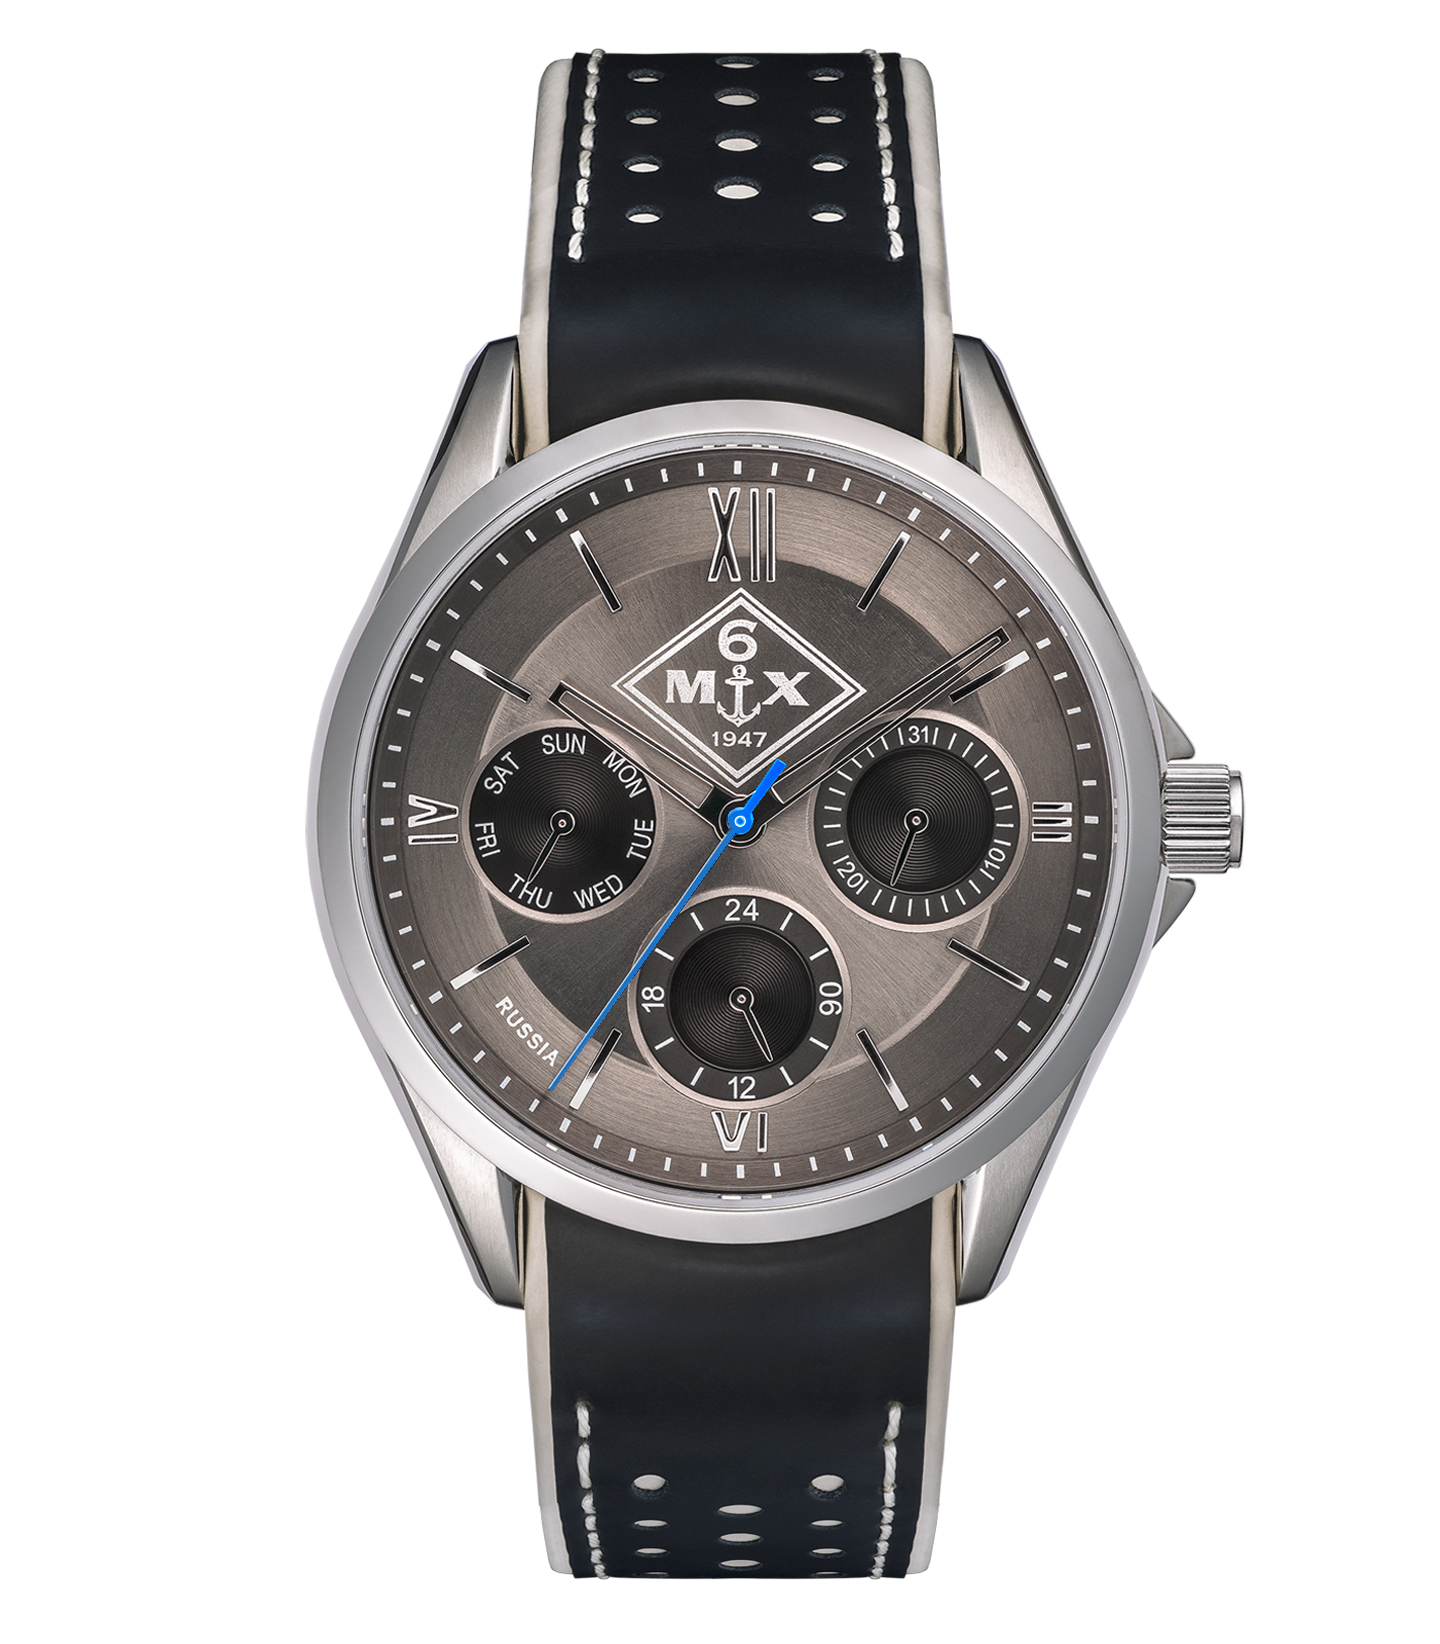 наручные часы со знаком ржд